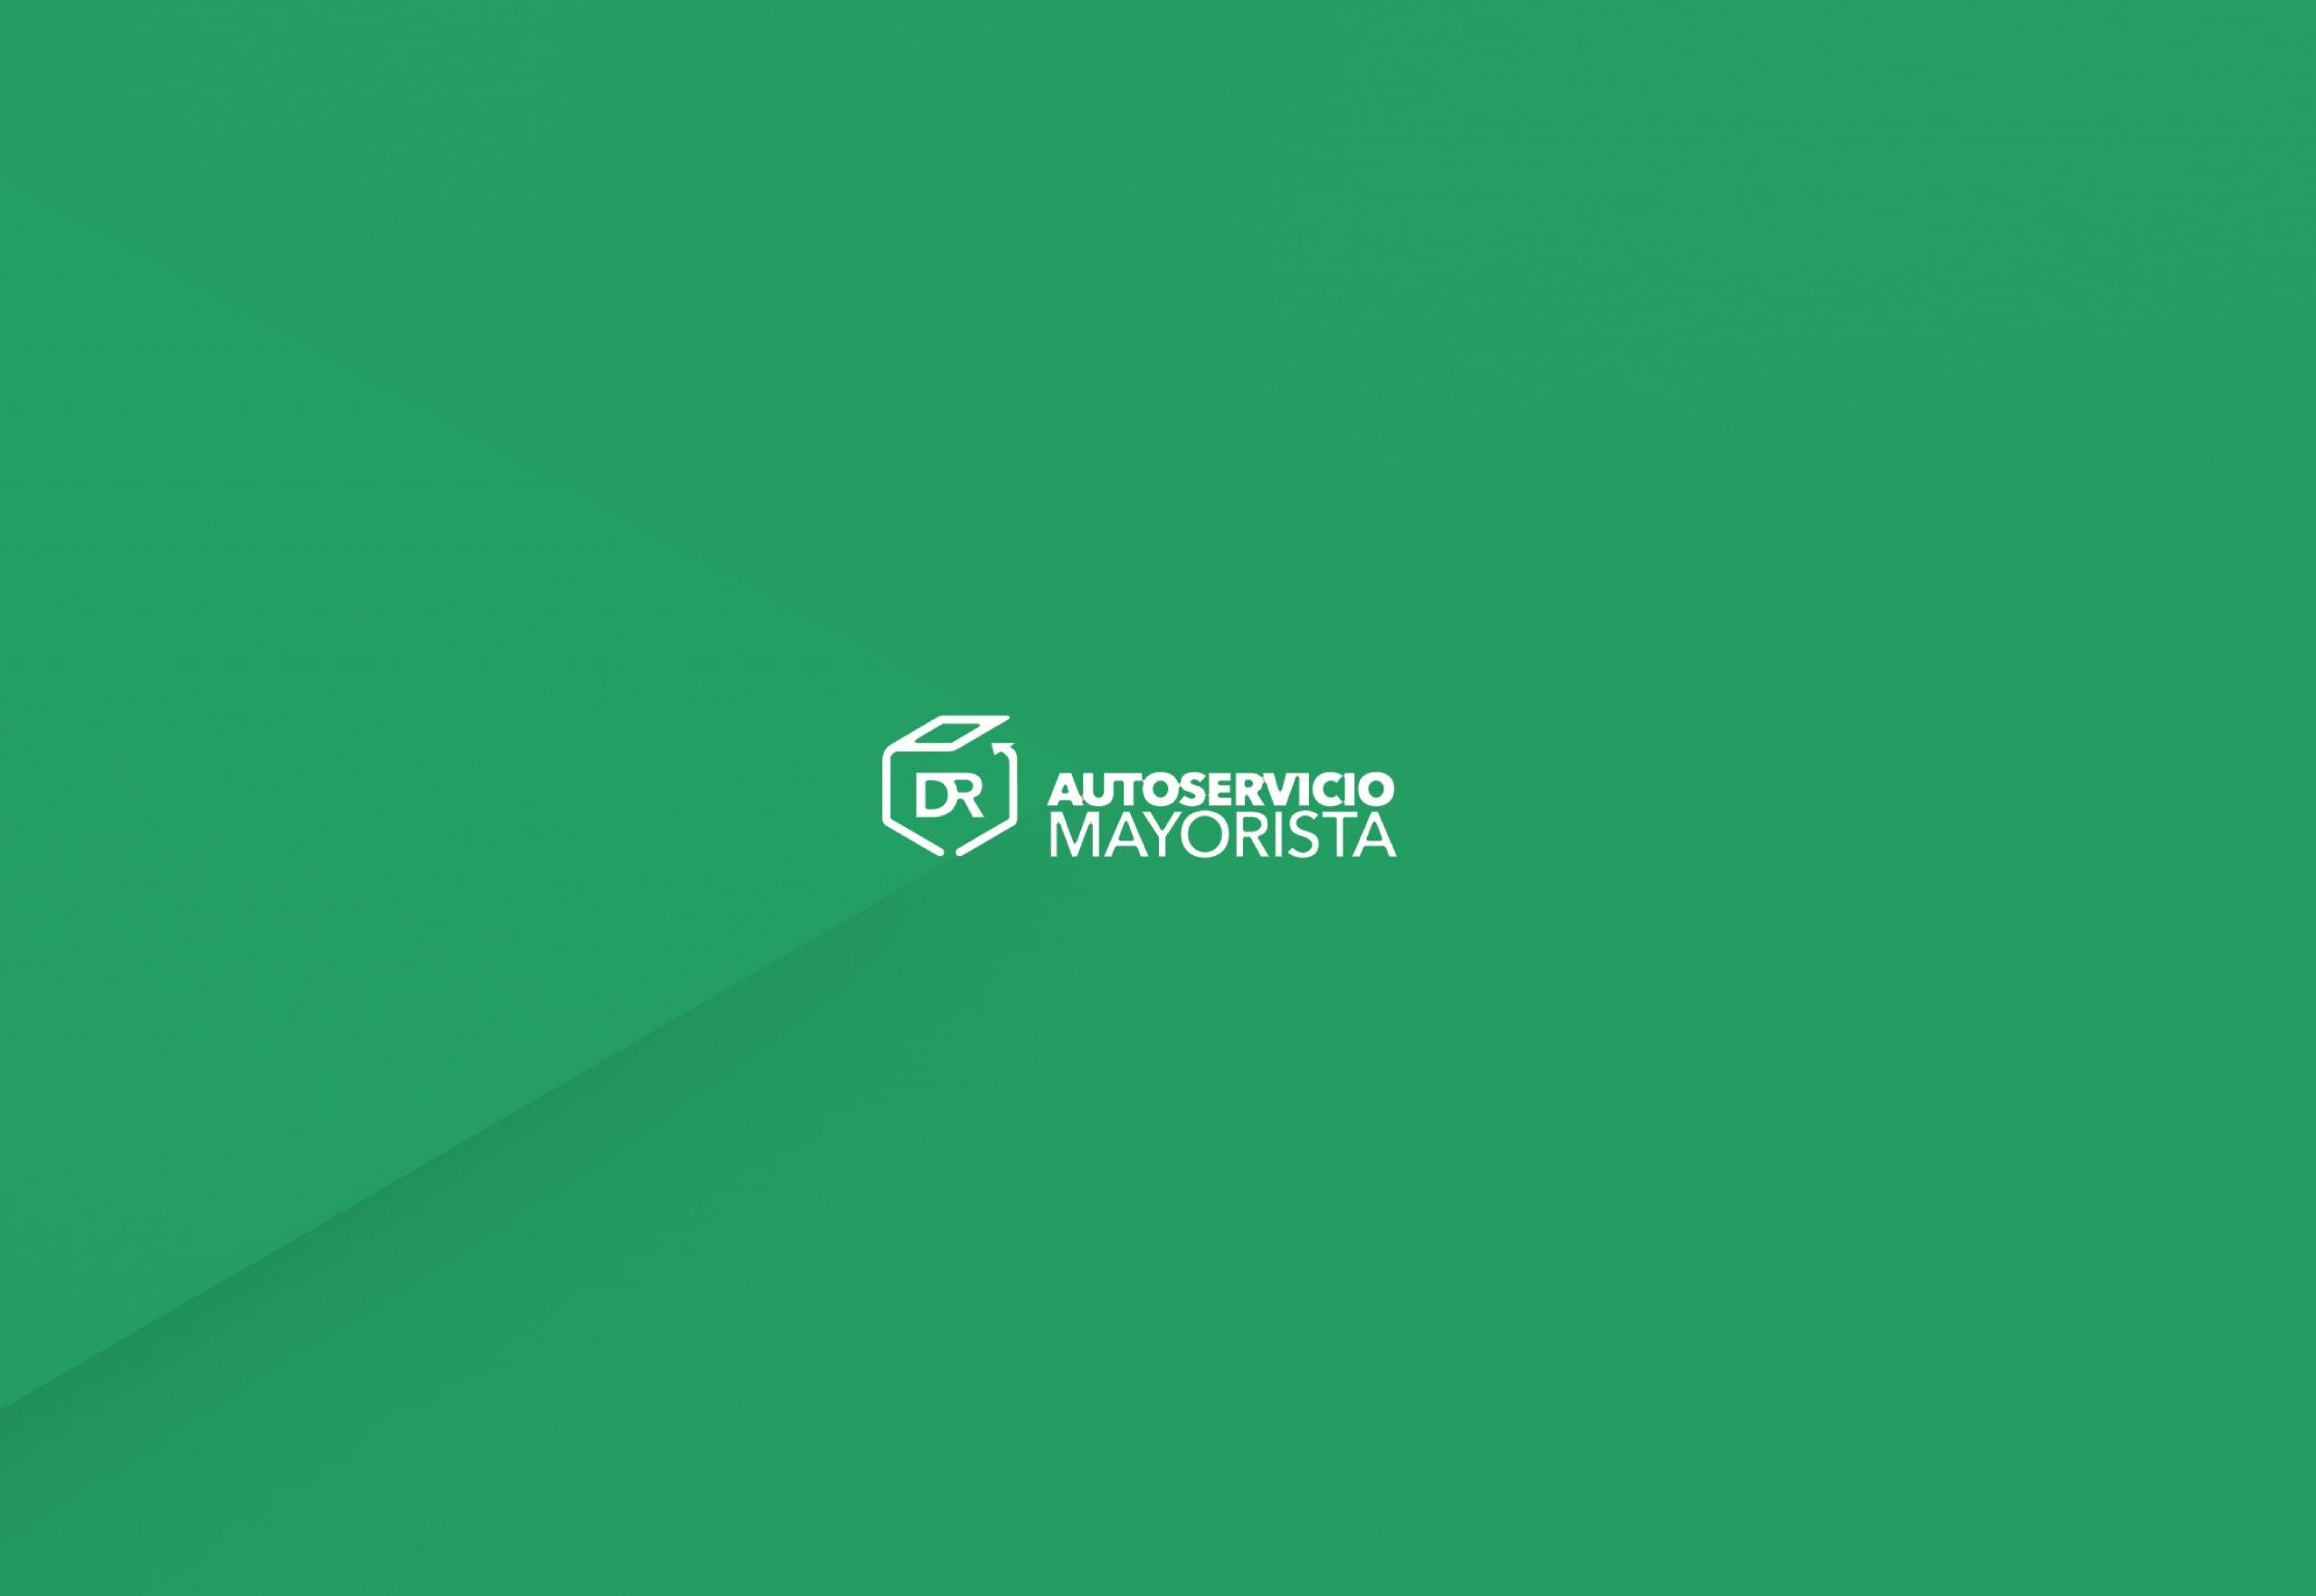 DR Autoservicio: una tienda online a medida del cliente y sus usuarios